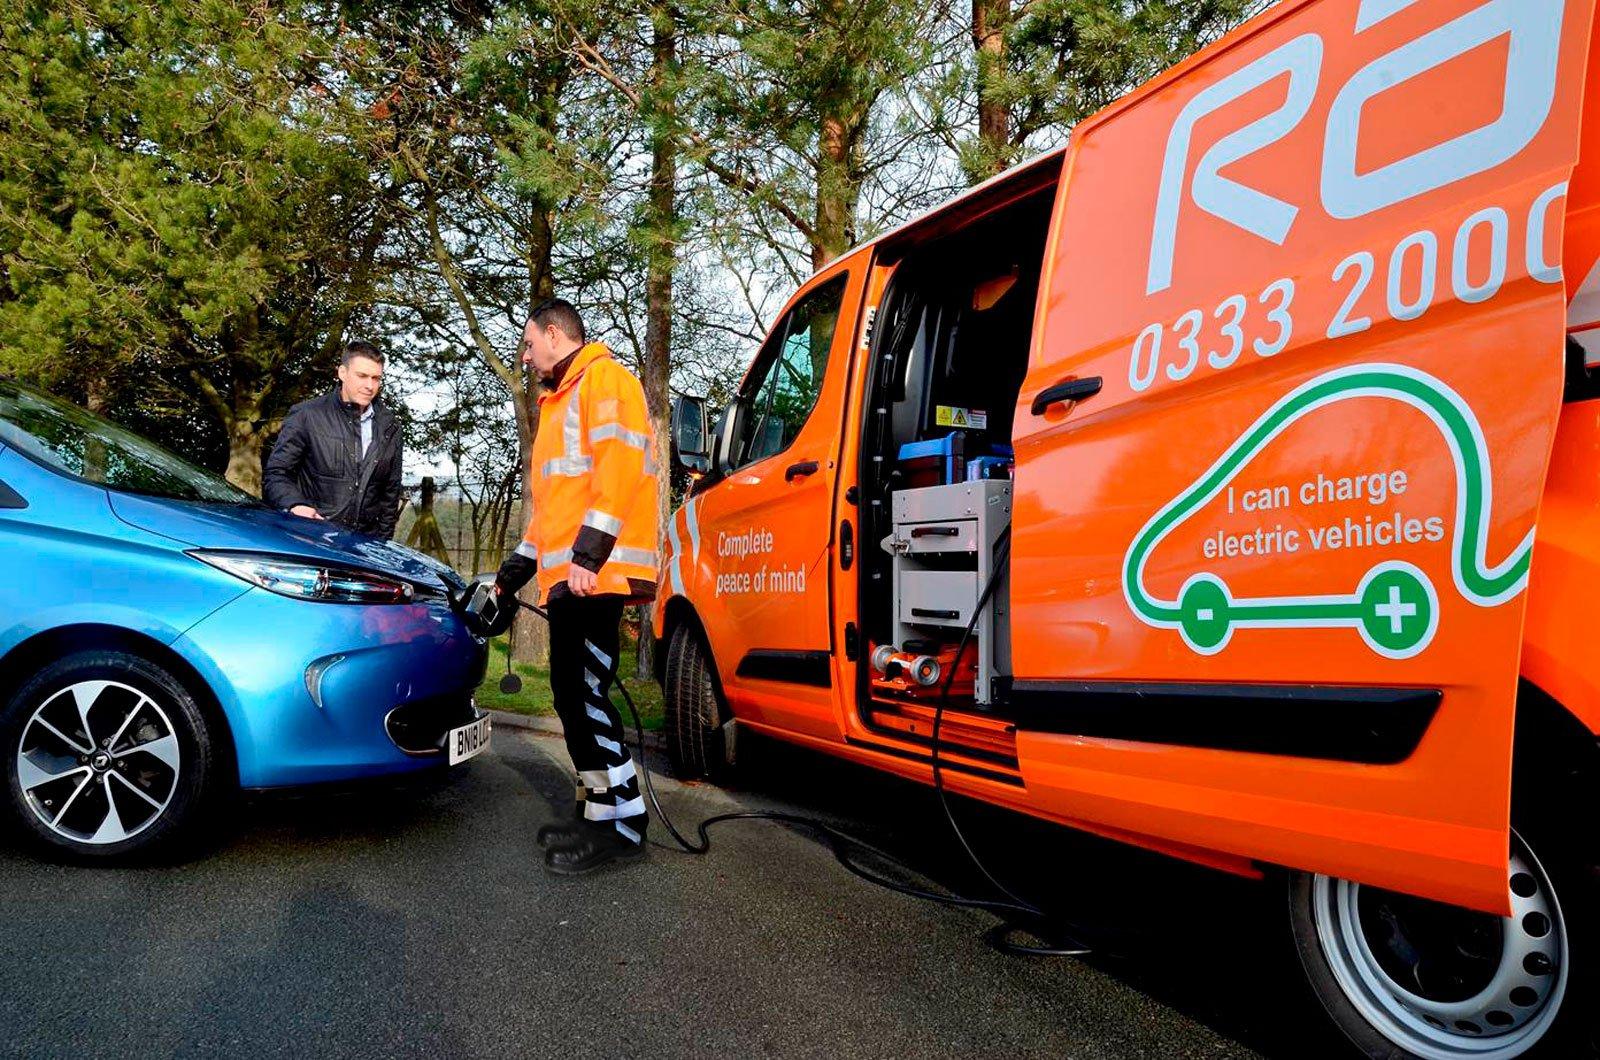 RAC EV Boost system